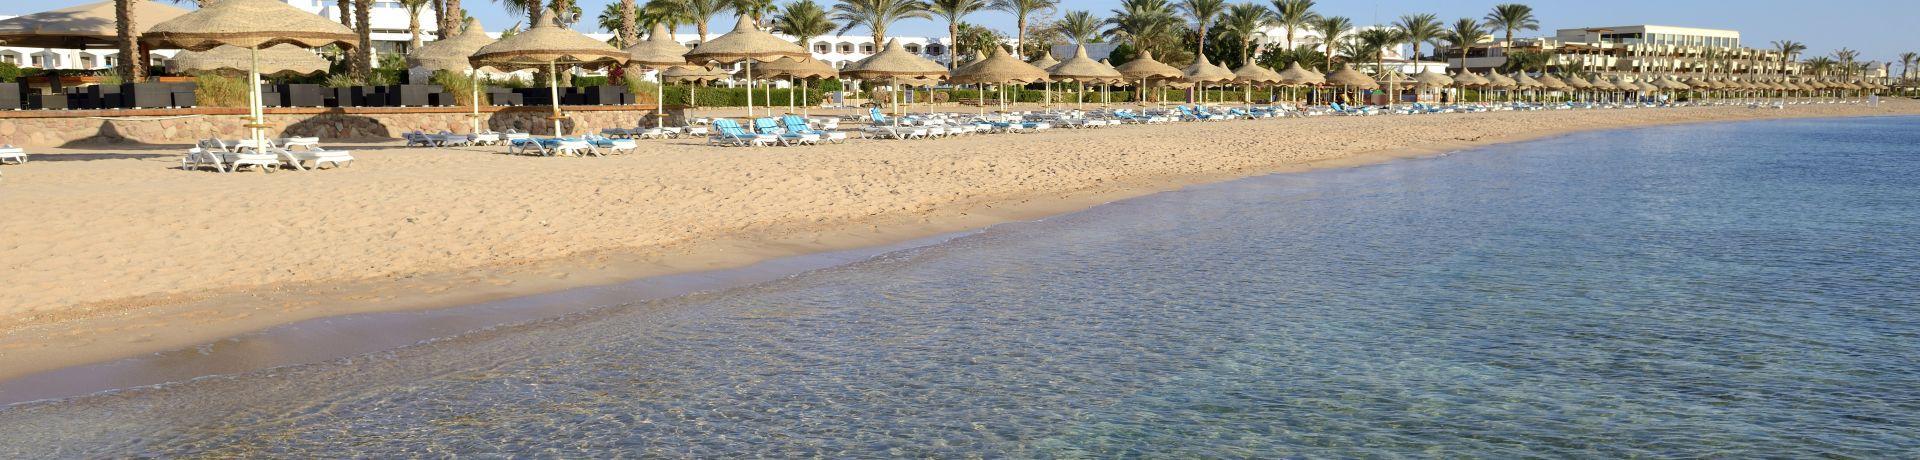 city-id-2616-aegypten-sharm-el-sheikh-nuweiba-taba-sharks-bay-sharm-el-sheikh_TS_178498738_F1920x460.jpg